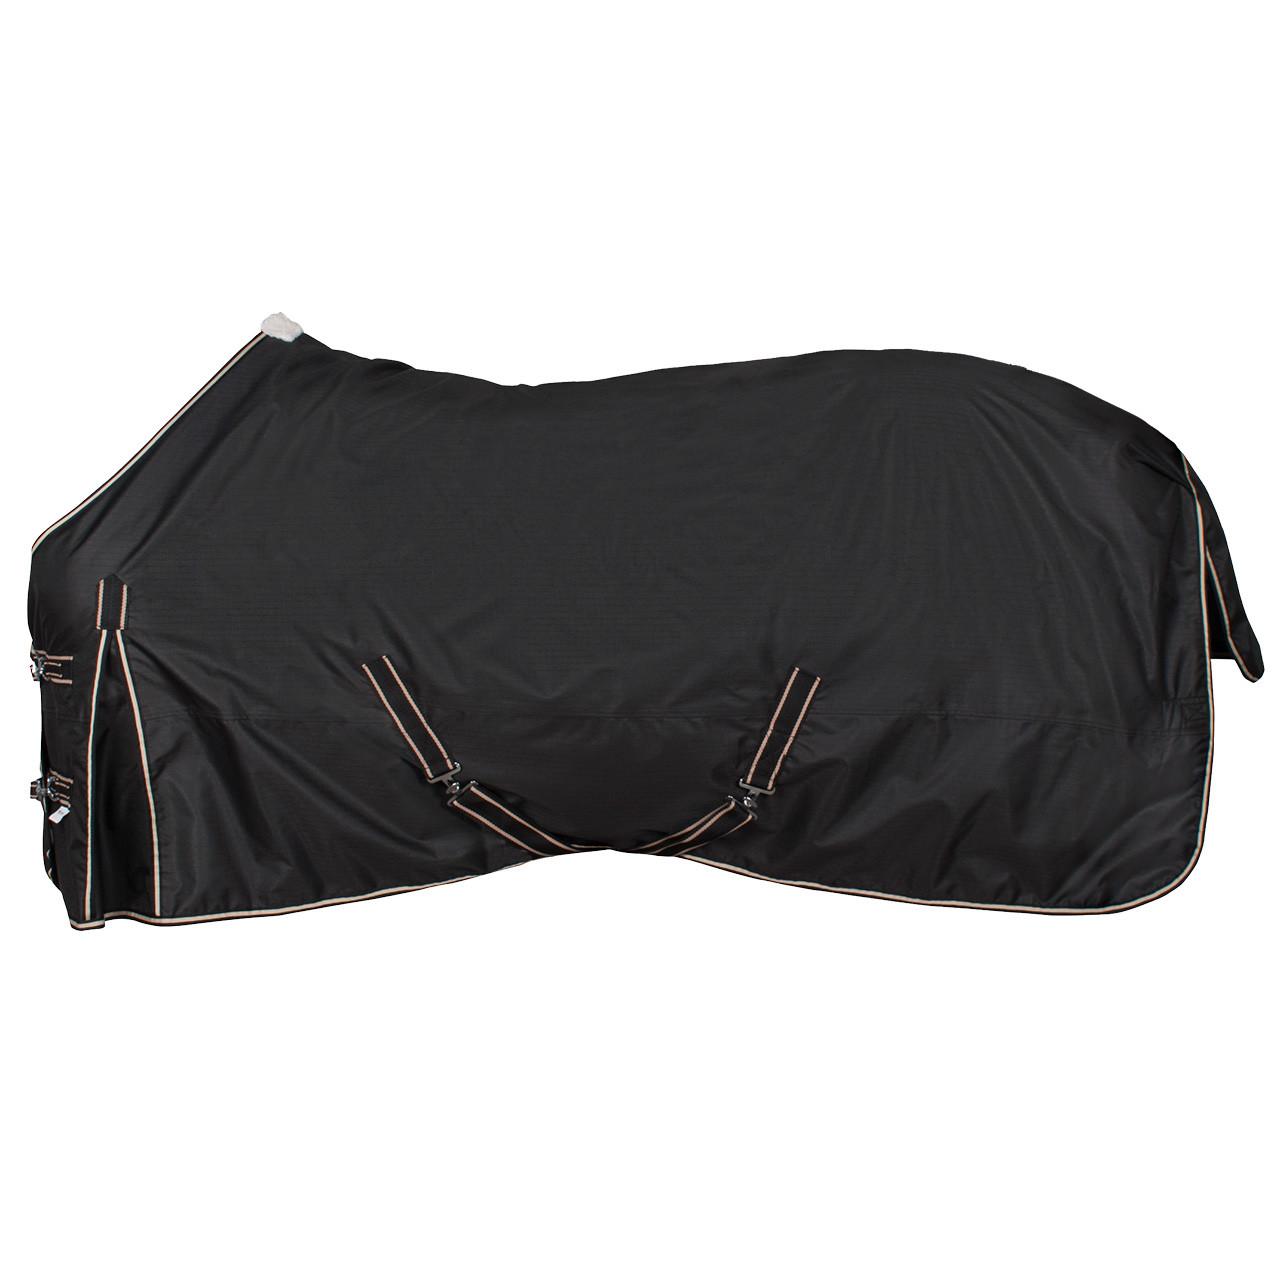 Pagony outdoordeken/fleece gevoerd zwart maat:215